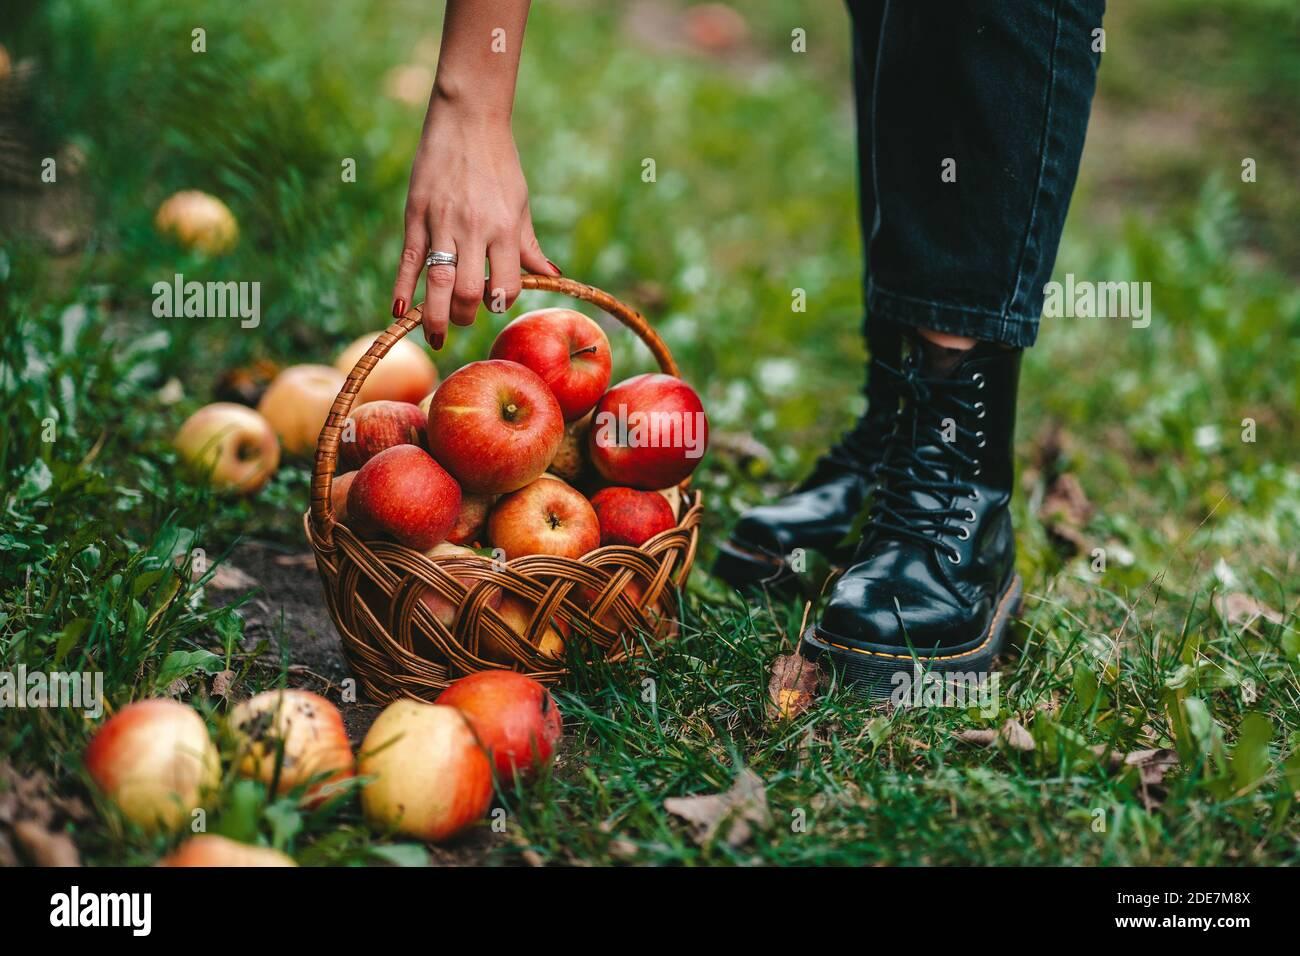 Mujer irreconocible recogiendo frutos rojos maduros de manzana en el jardín verde. Estilo de vida orgánico, agricultura, ocupación jardinera Foto de stock